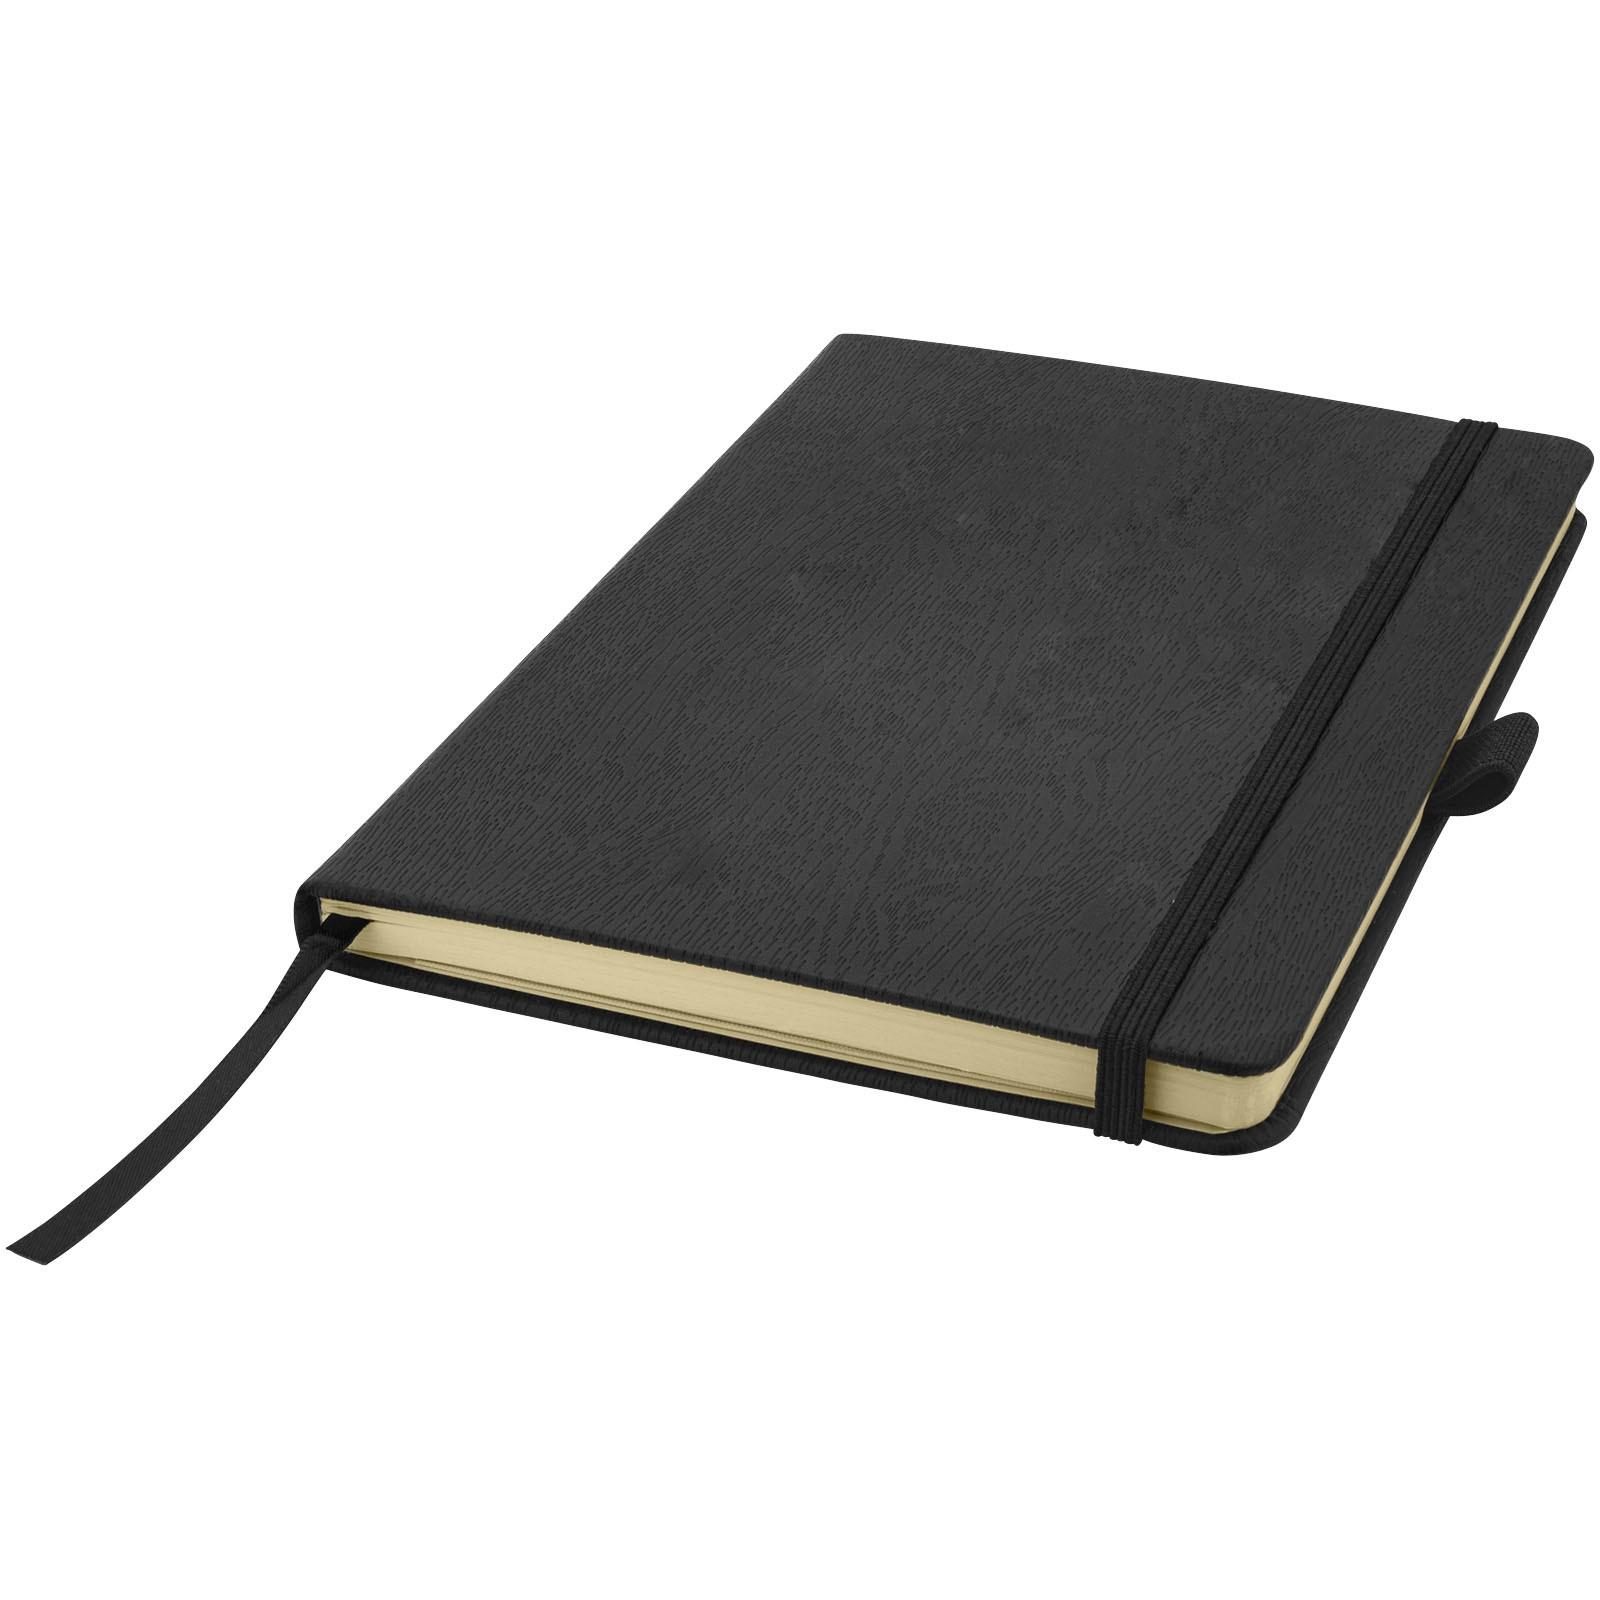 Zápisník s pevnou obálkou A5 v dřevěném dekoru - Černá